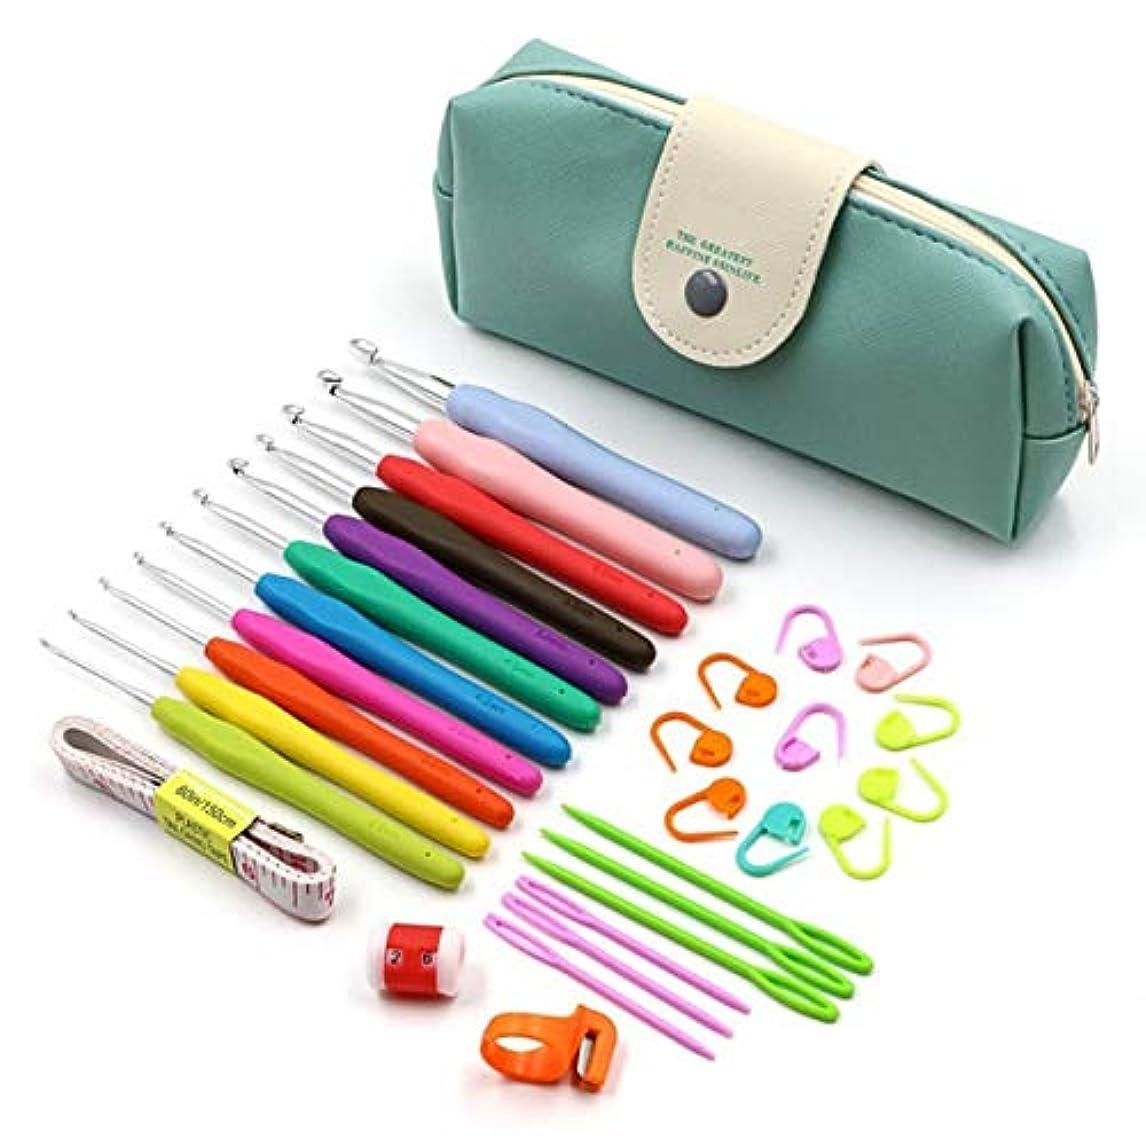 もっと少なく重量体細胞Saikogoods ソフトハンドル 収納袋付きアルミかぎ針編みのフックキット 糸編み物針 裁縫ツール 人間工学に基づいたグリップセット 多色